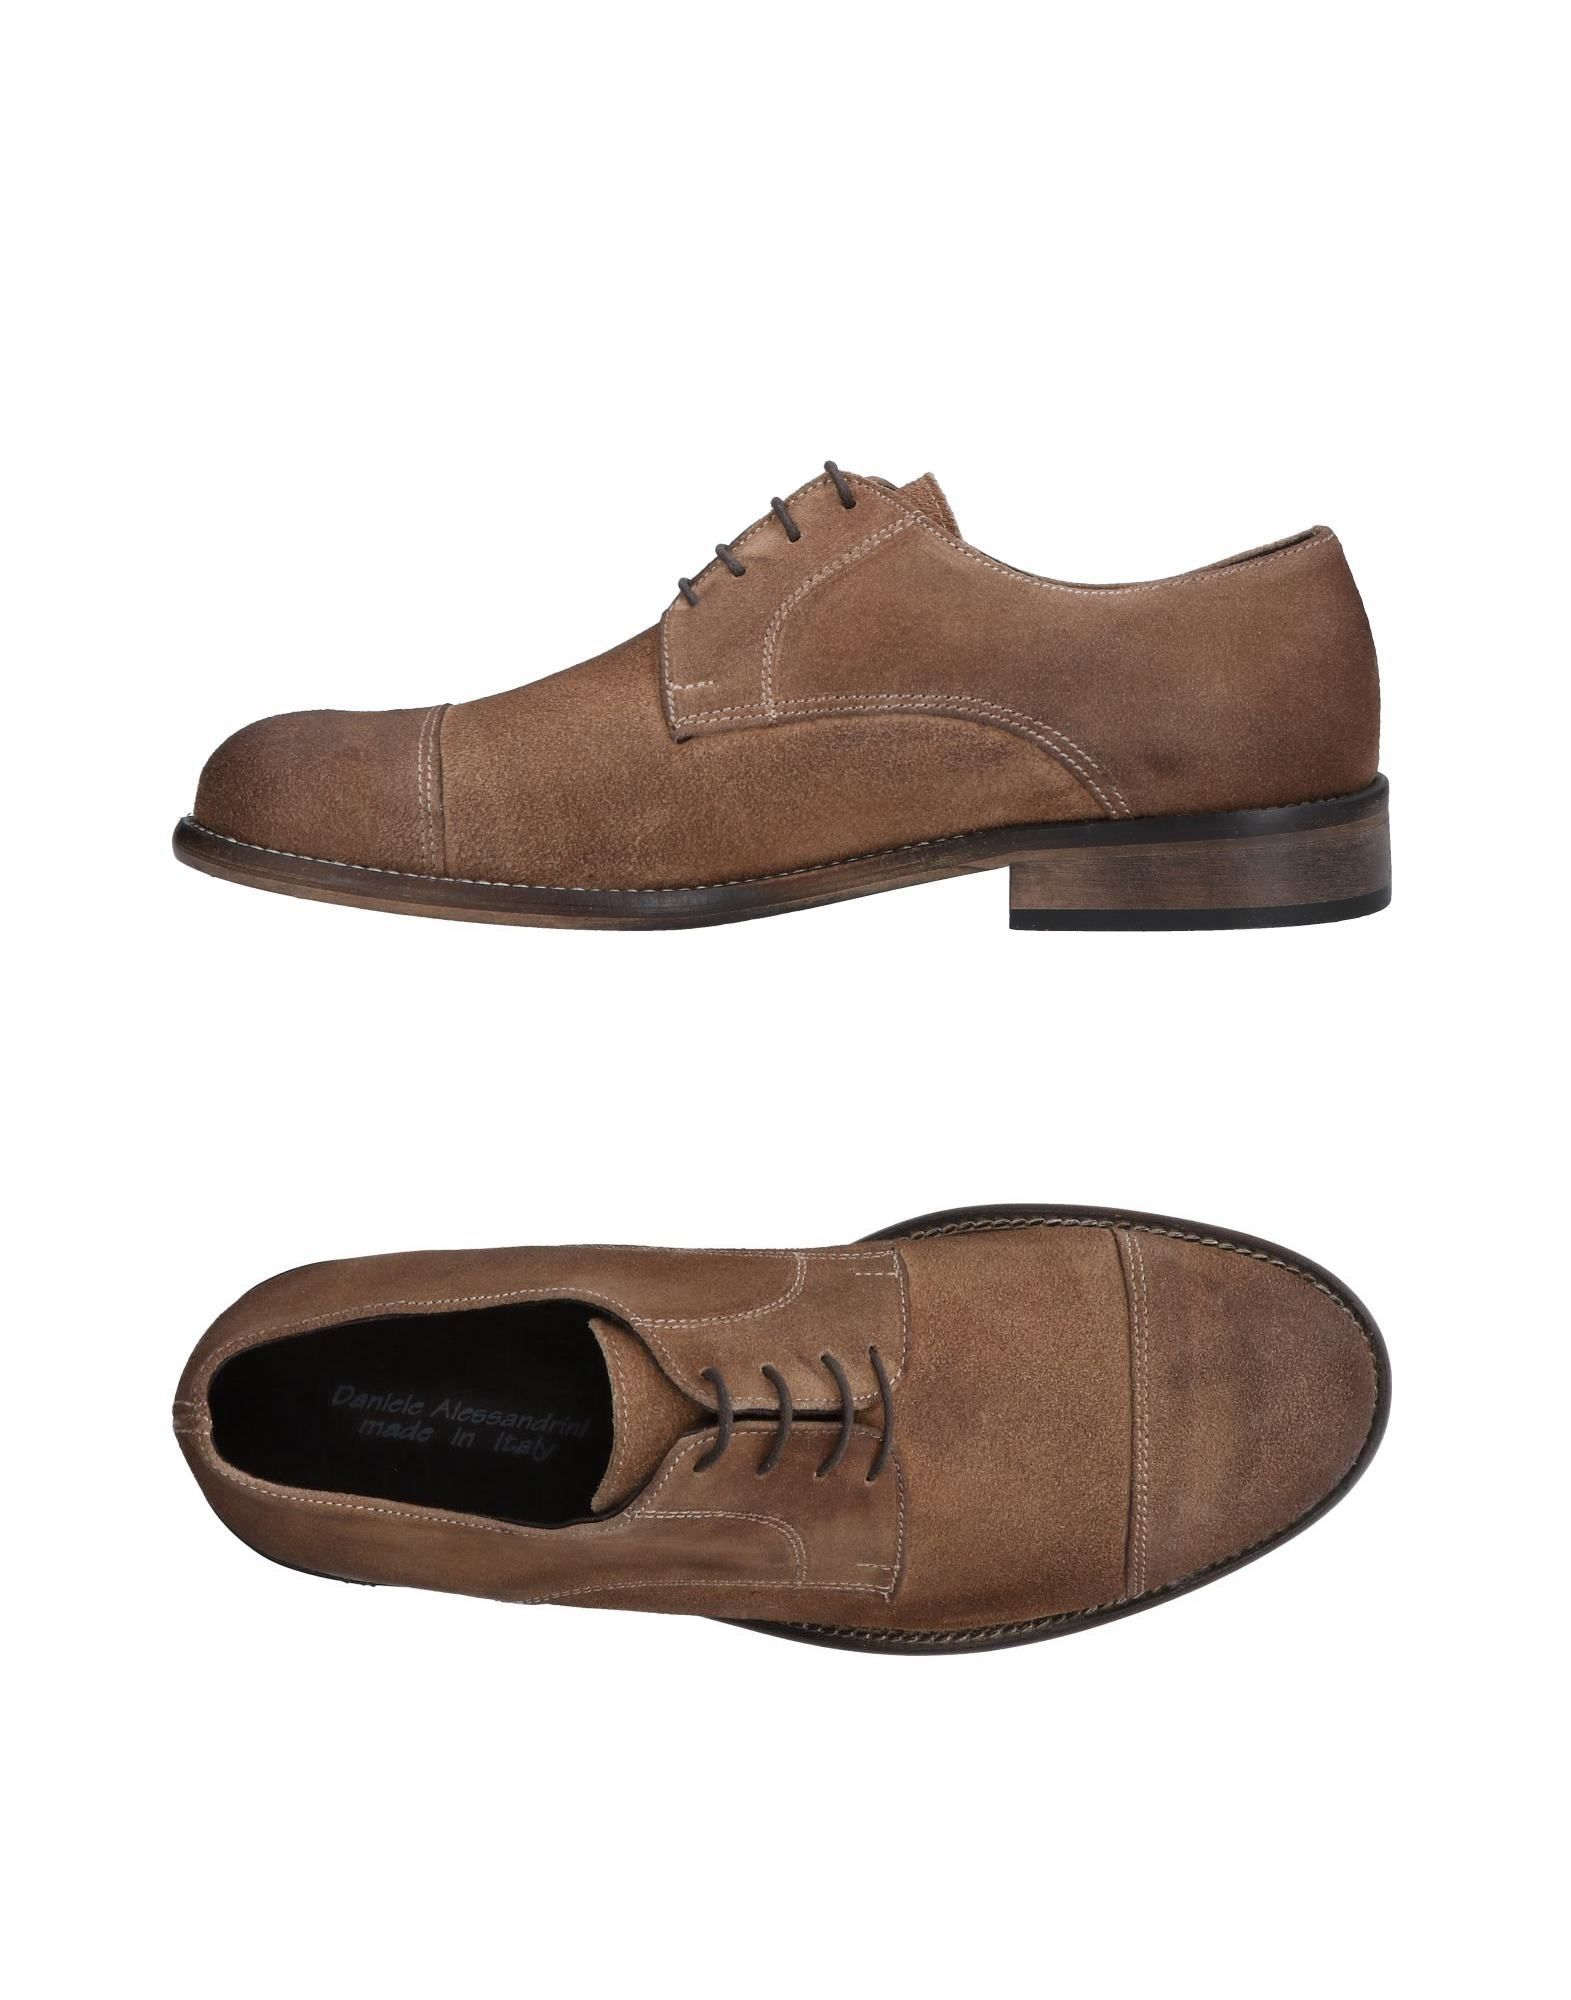 Rabatt echte Schuhe Daniele Alessandrini Schnürschuhe Herren  11492288AE